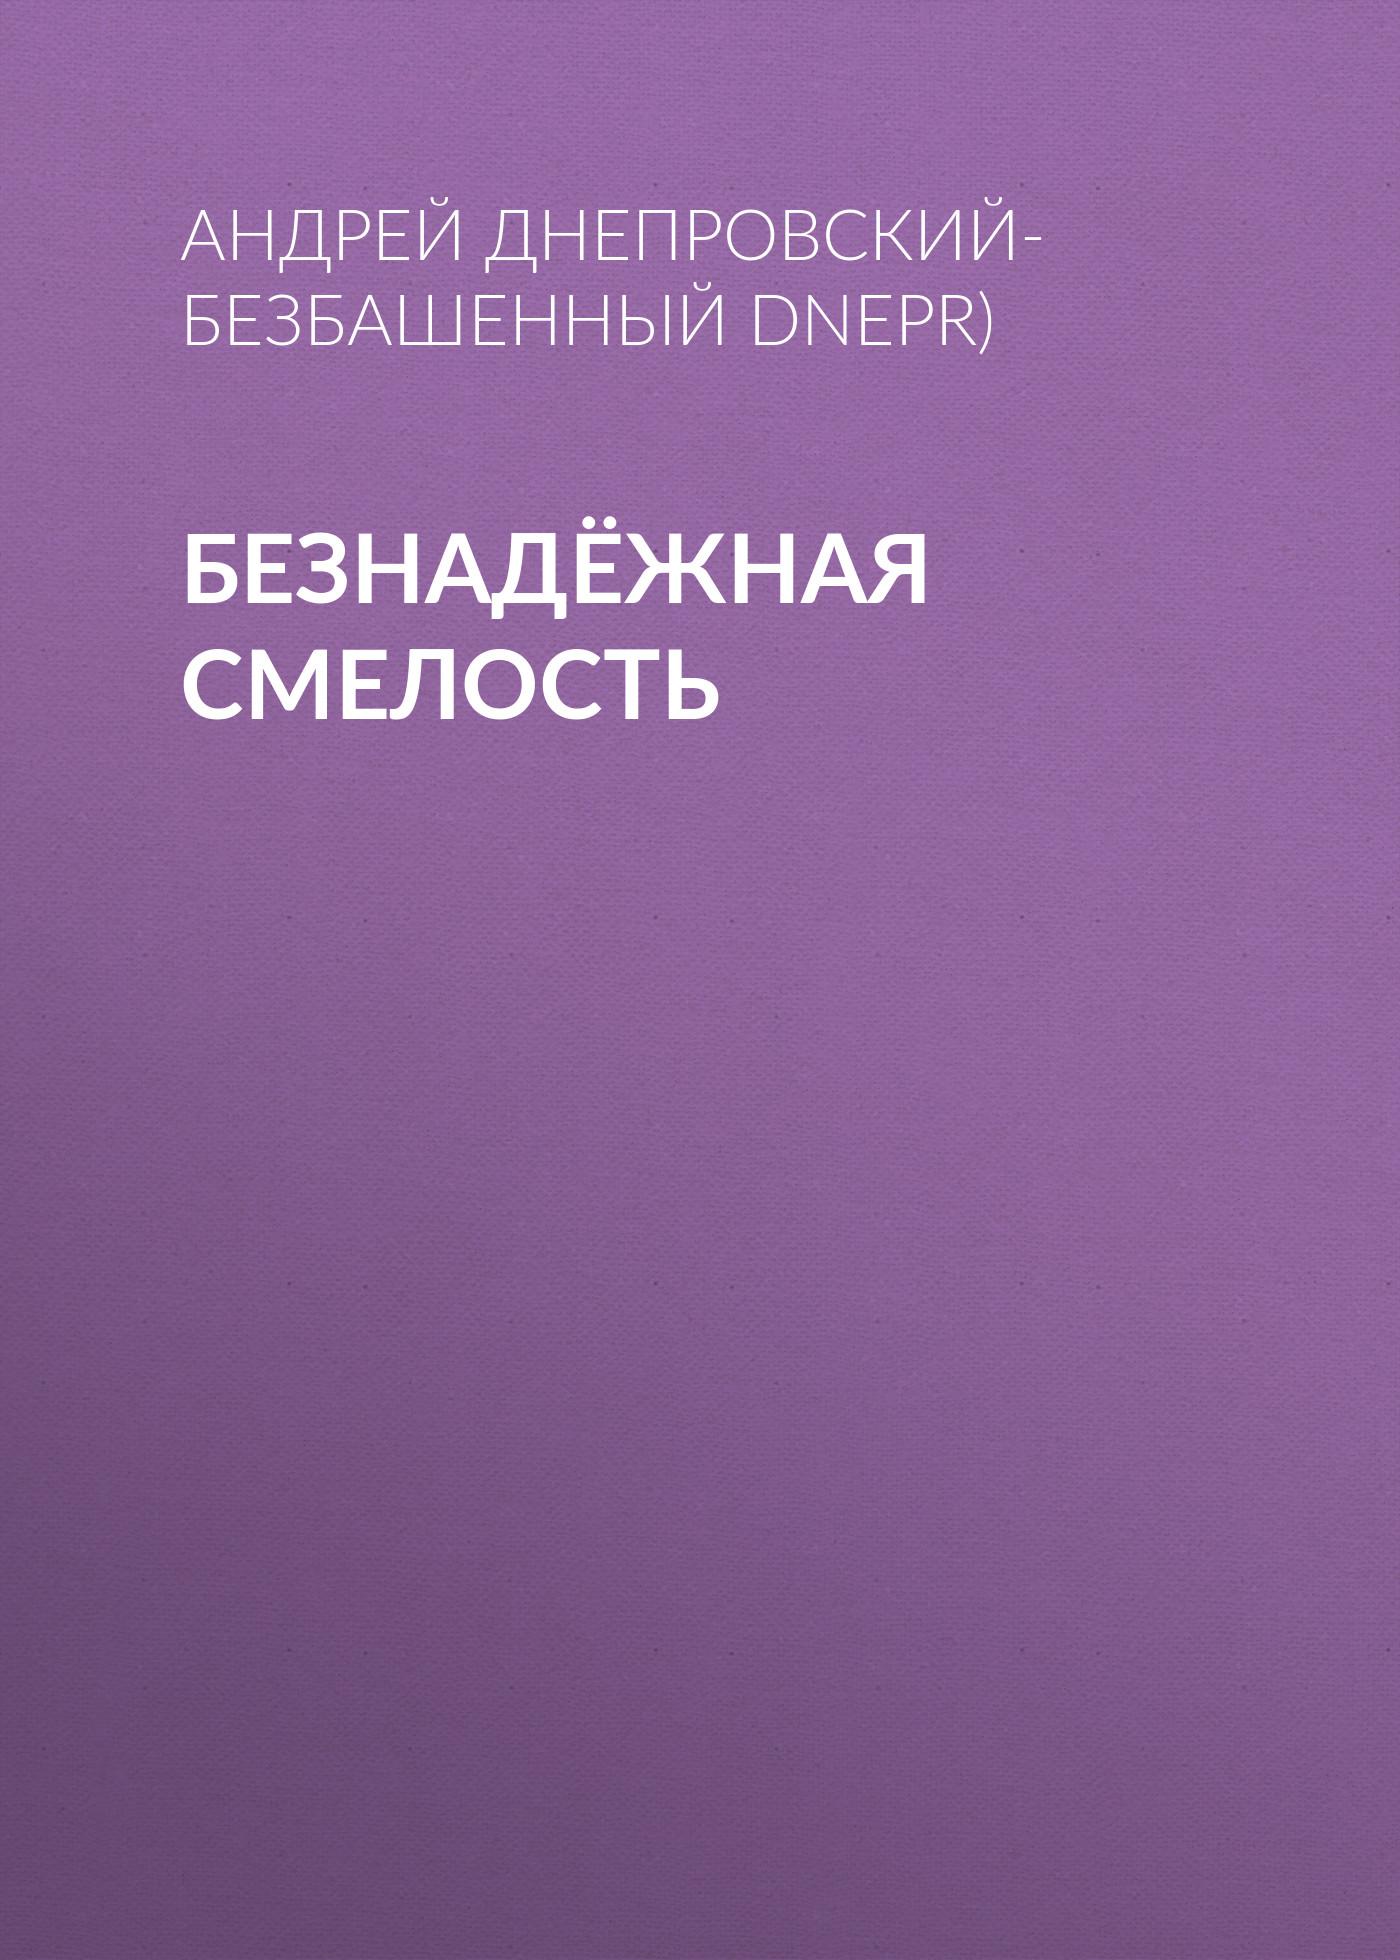 Андрей Днепровский-Безбашенный (A.DNEPR) Безнадёжная смелость цена